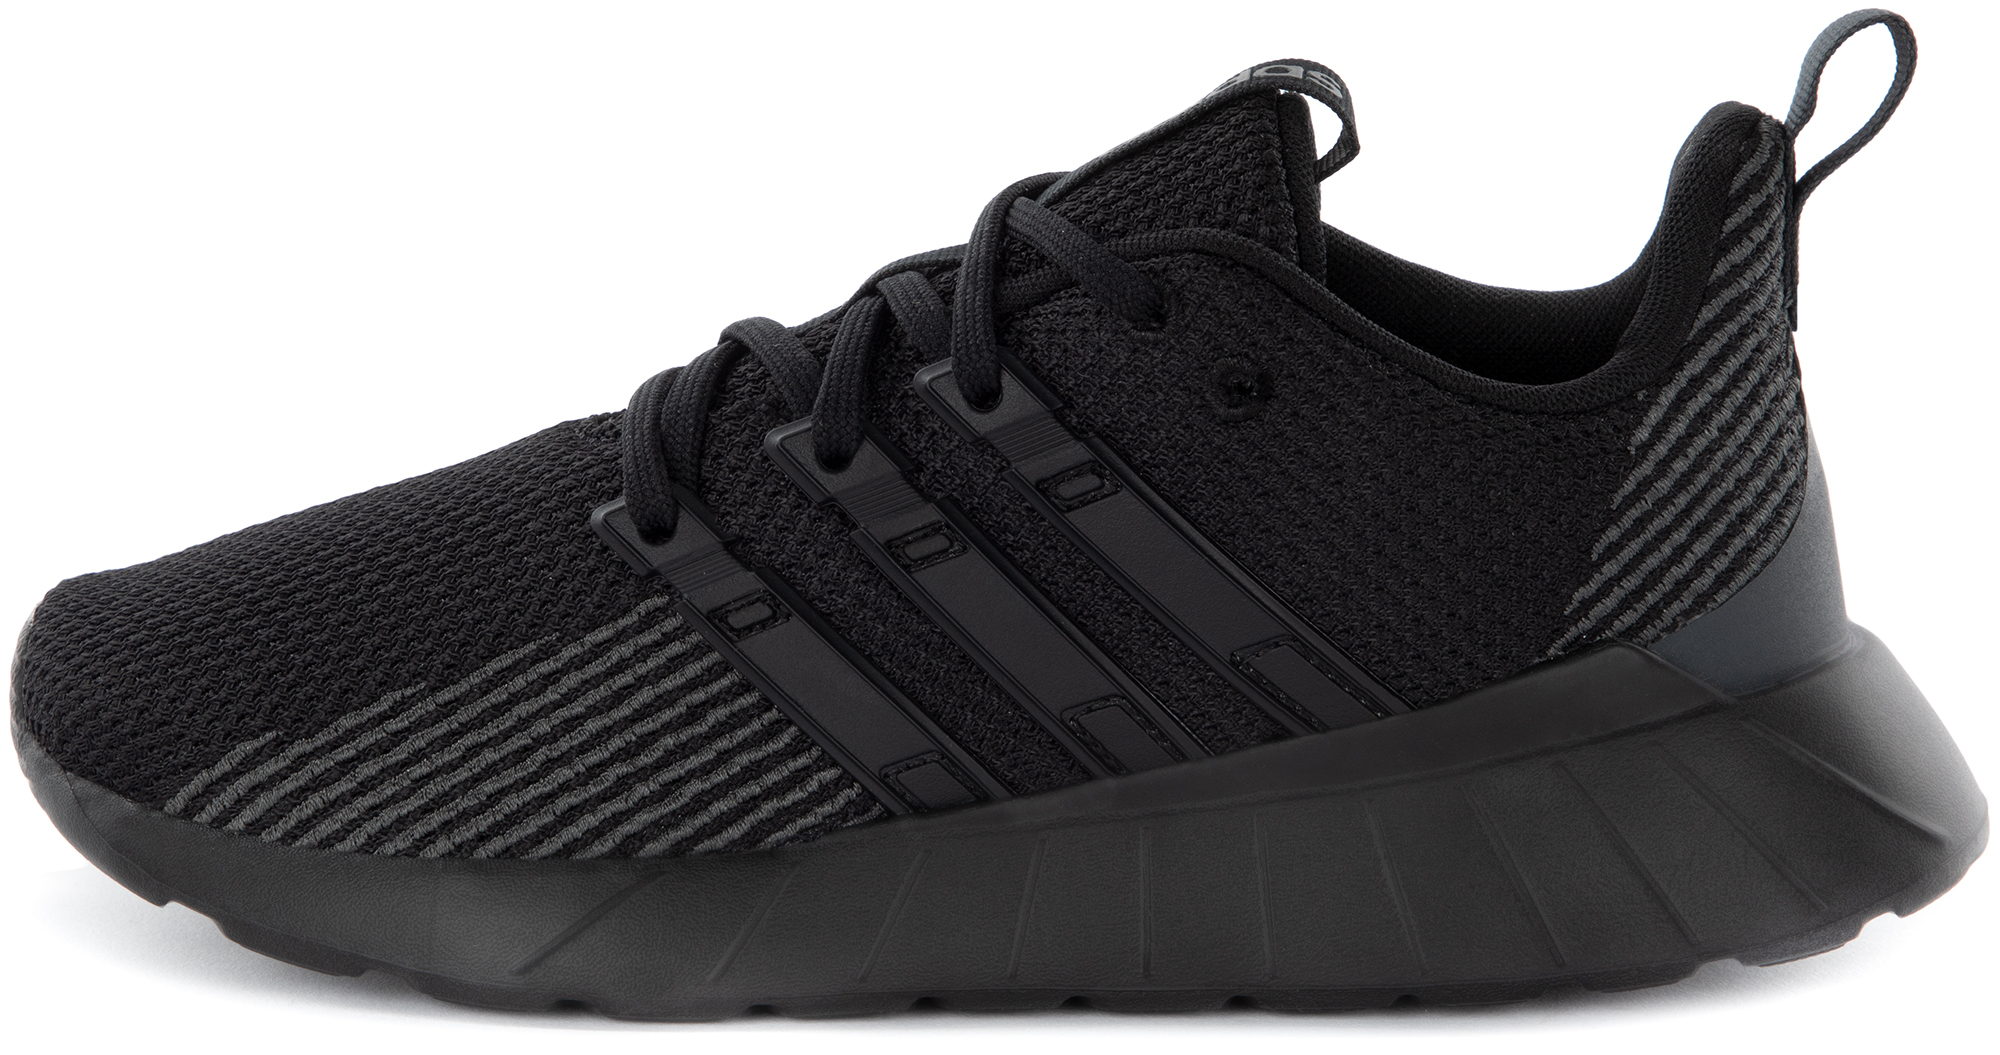 Adidas Кроссовки детские Adidas Questar Flow, размер 38,5 кроссовки детские adidas цвет черный db3583 размер 27 17